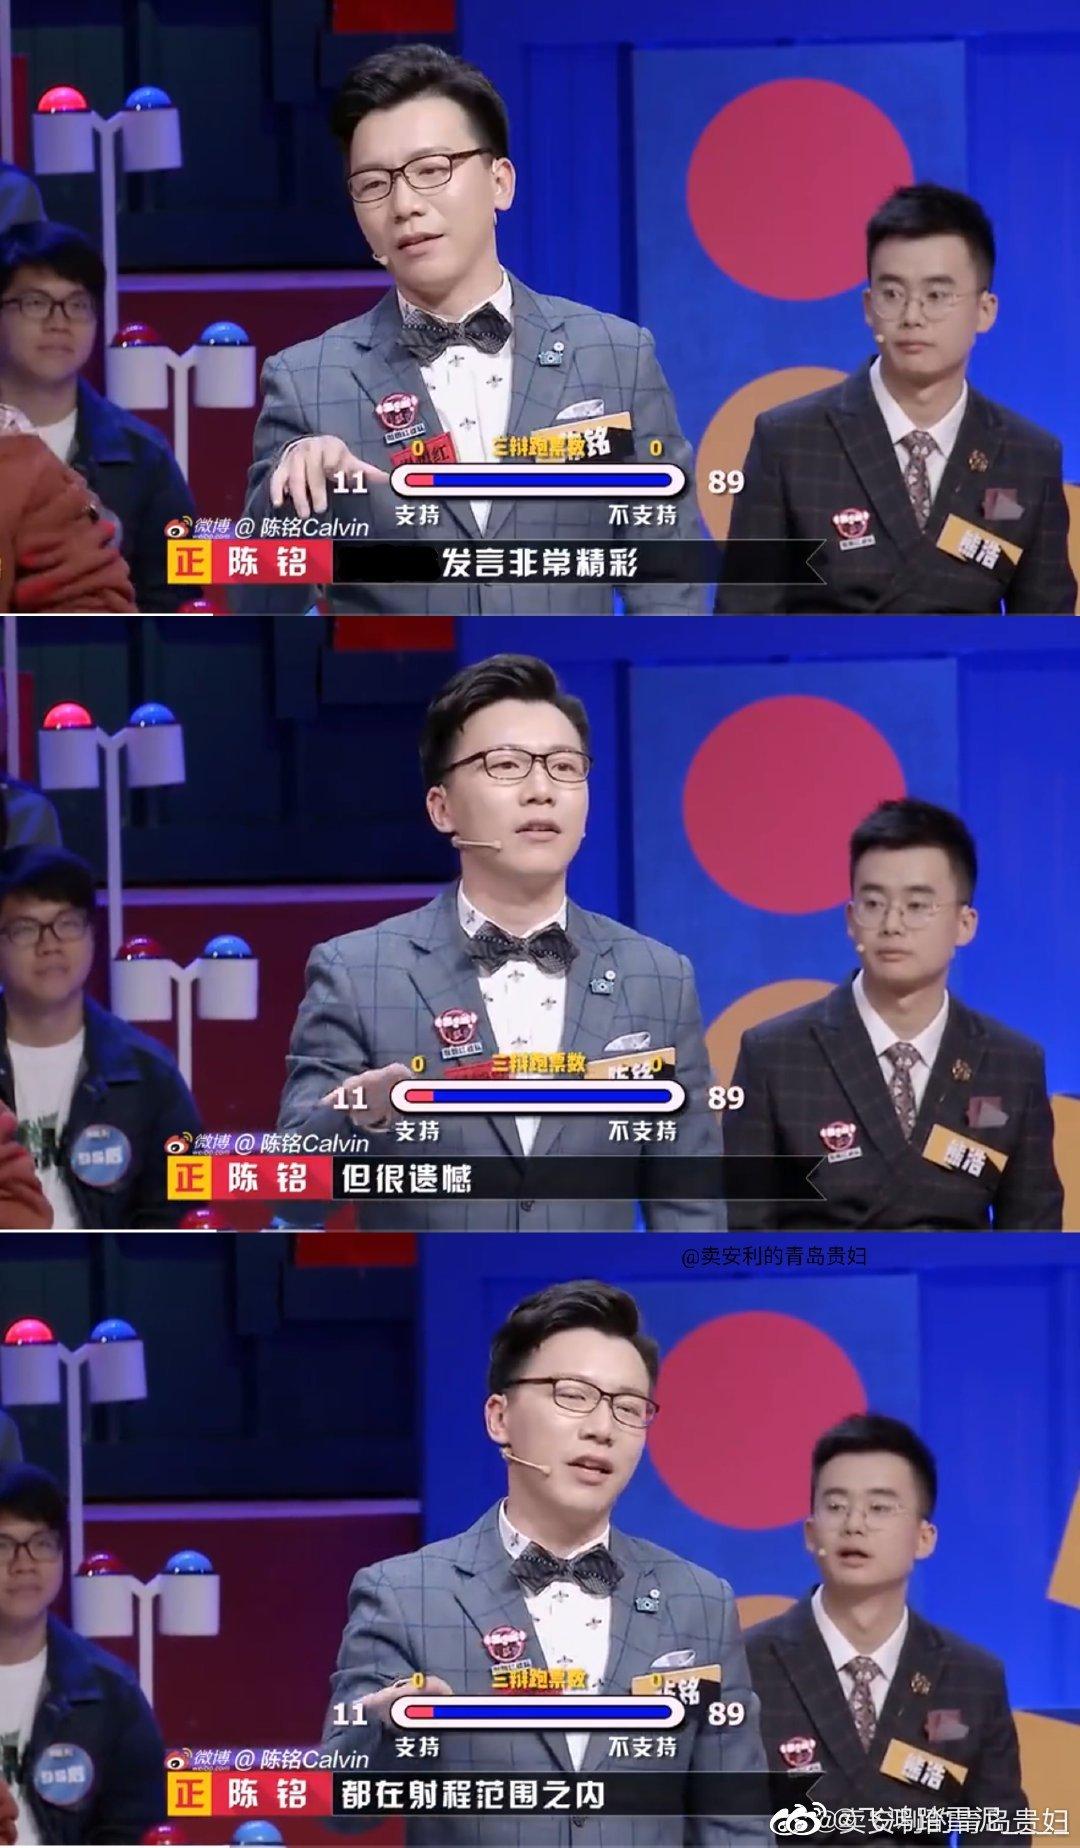 网爆奇葩说陈铭疑似学术造假?本人直接甩出法院受理书,回应够帅